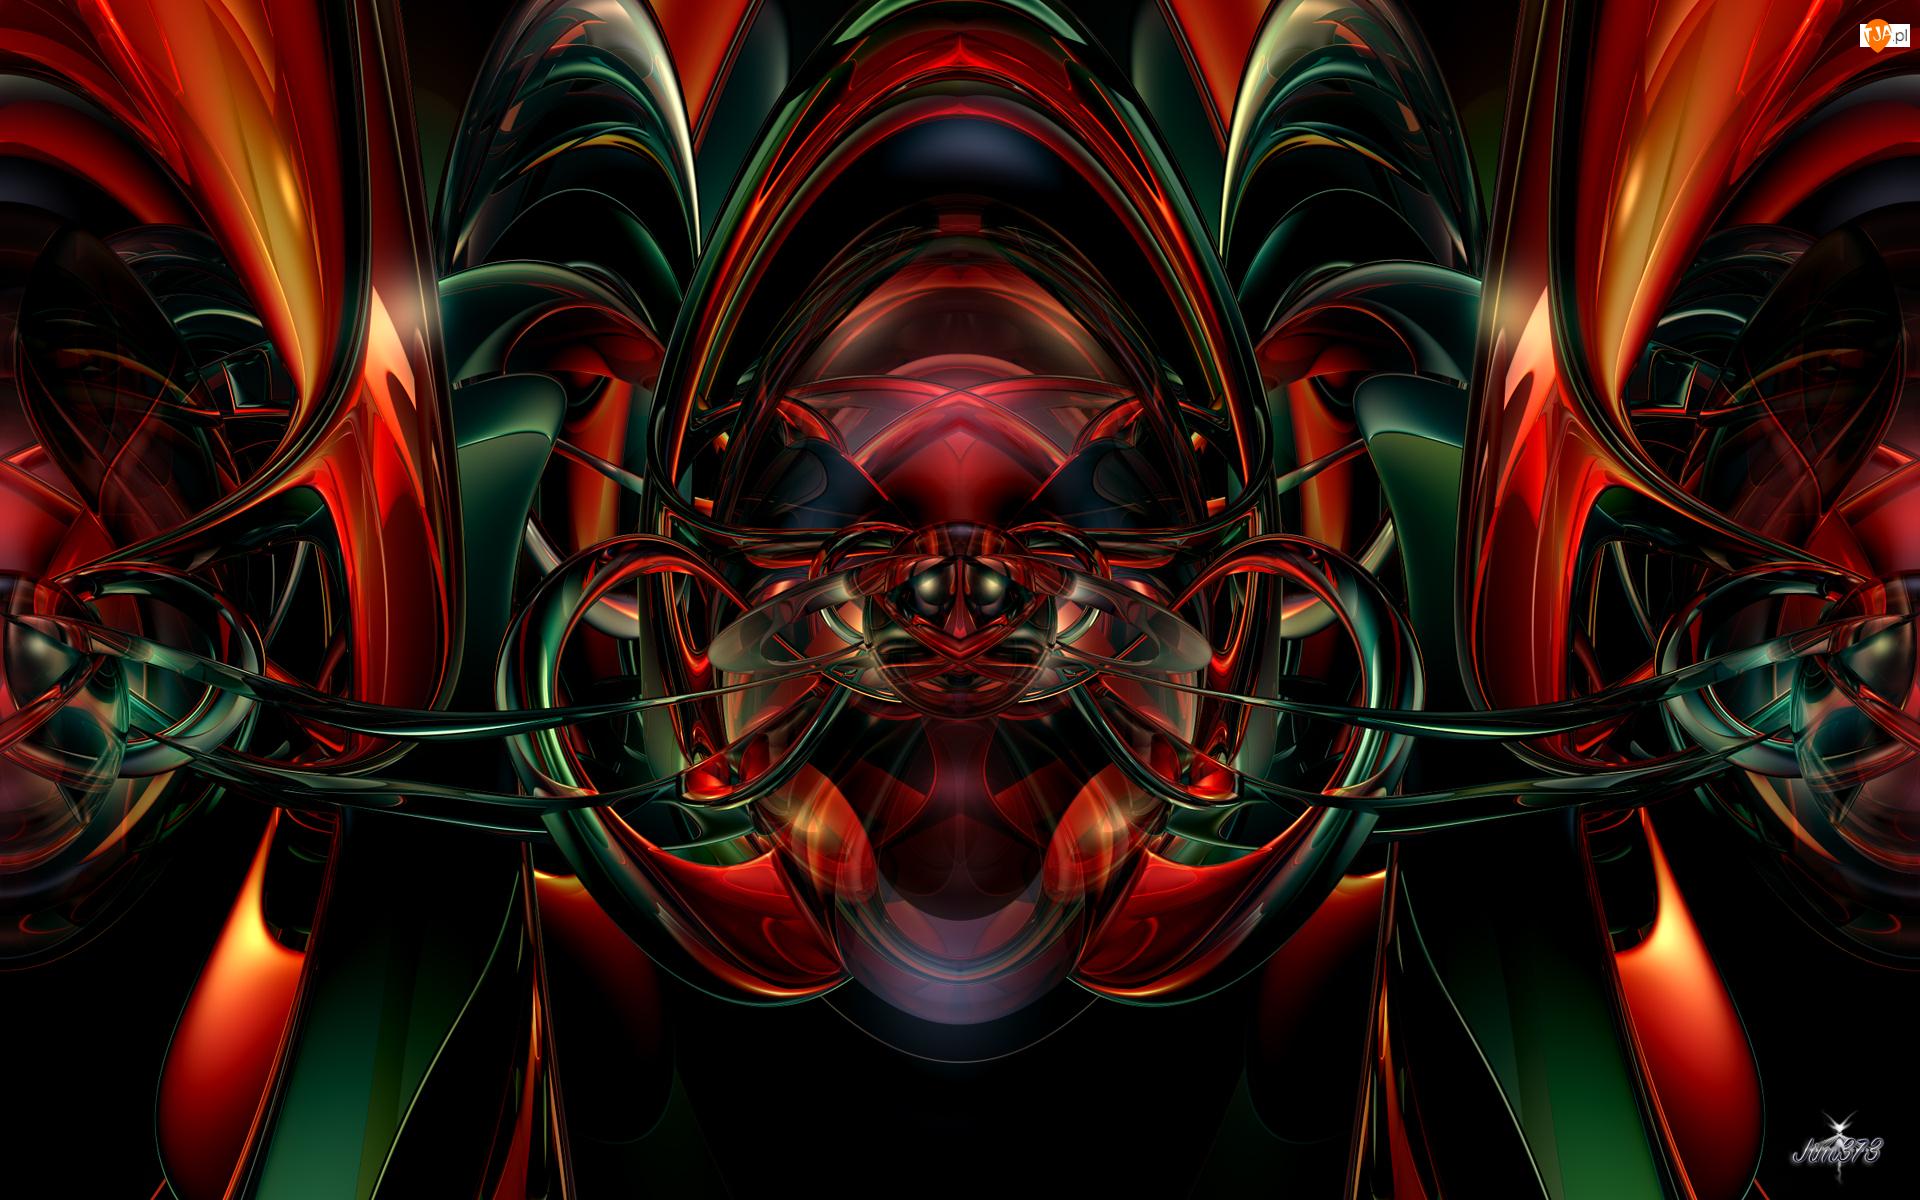 Abstrakcja, Grafika 3D, Czerwono-zielona